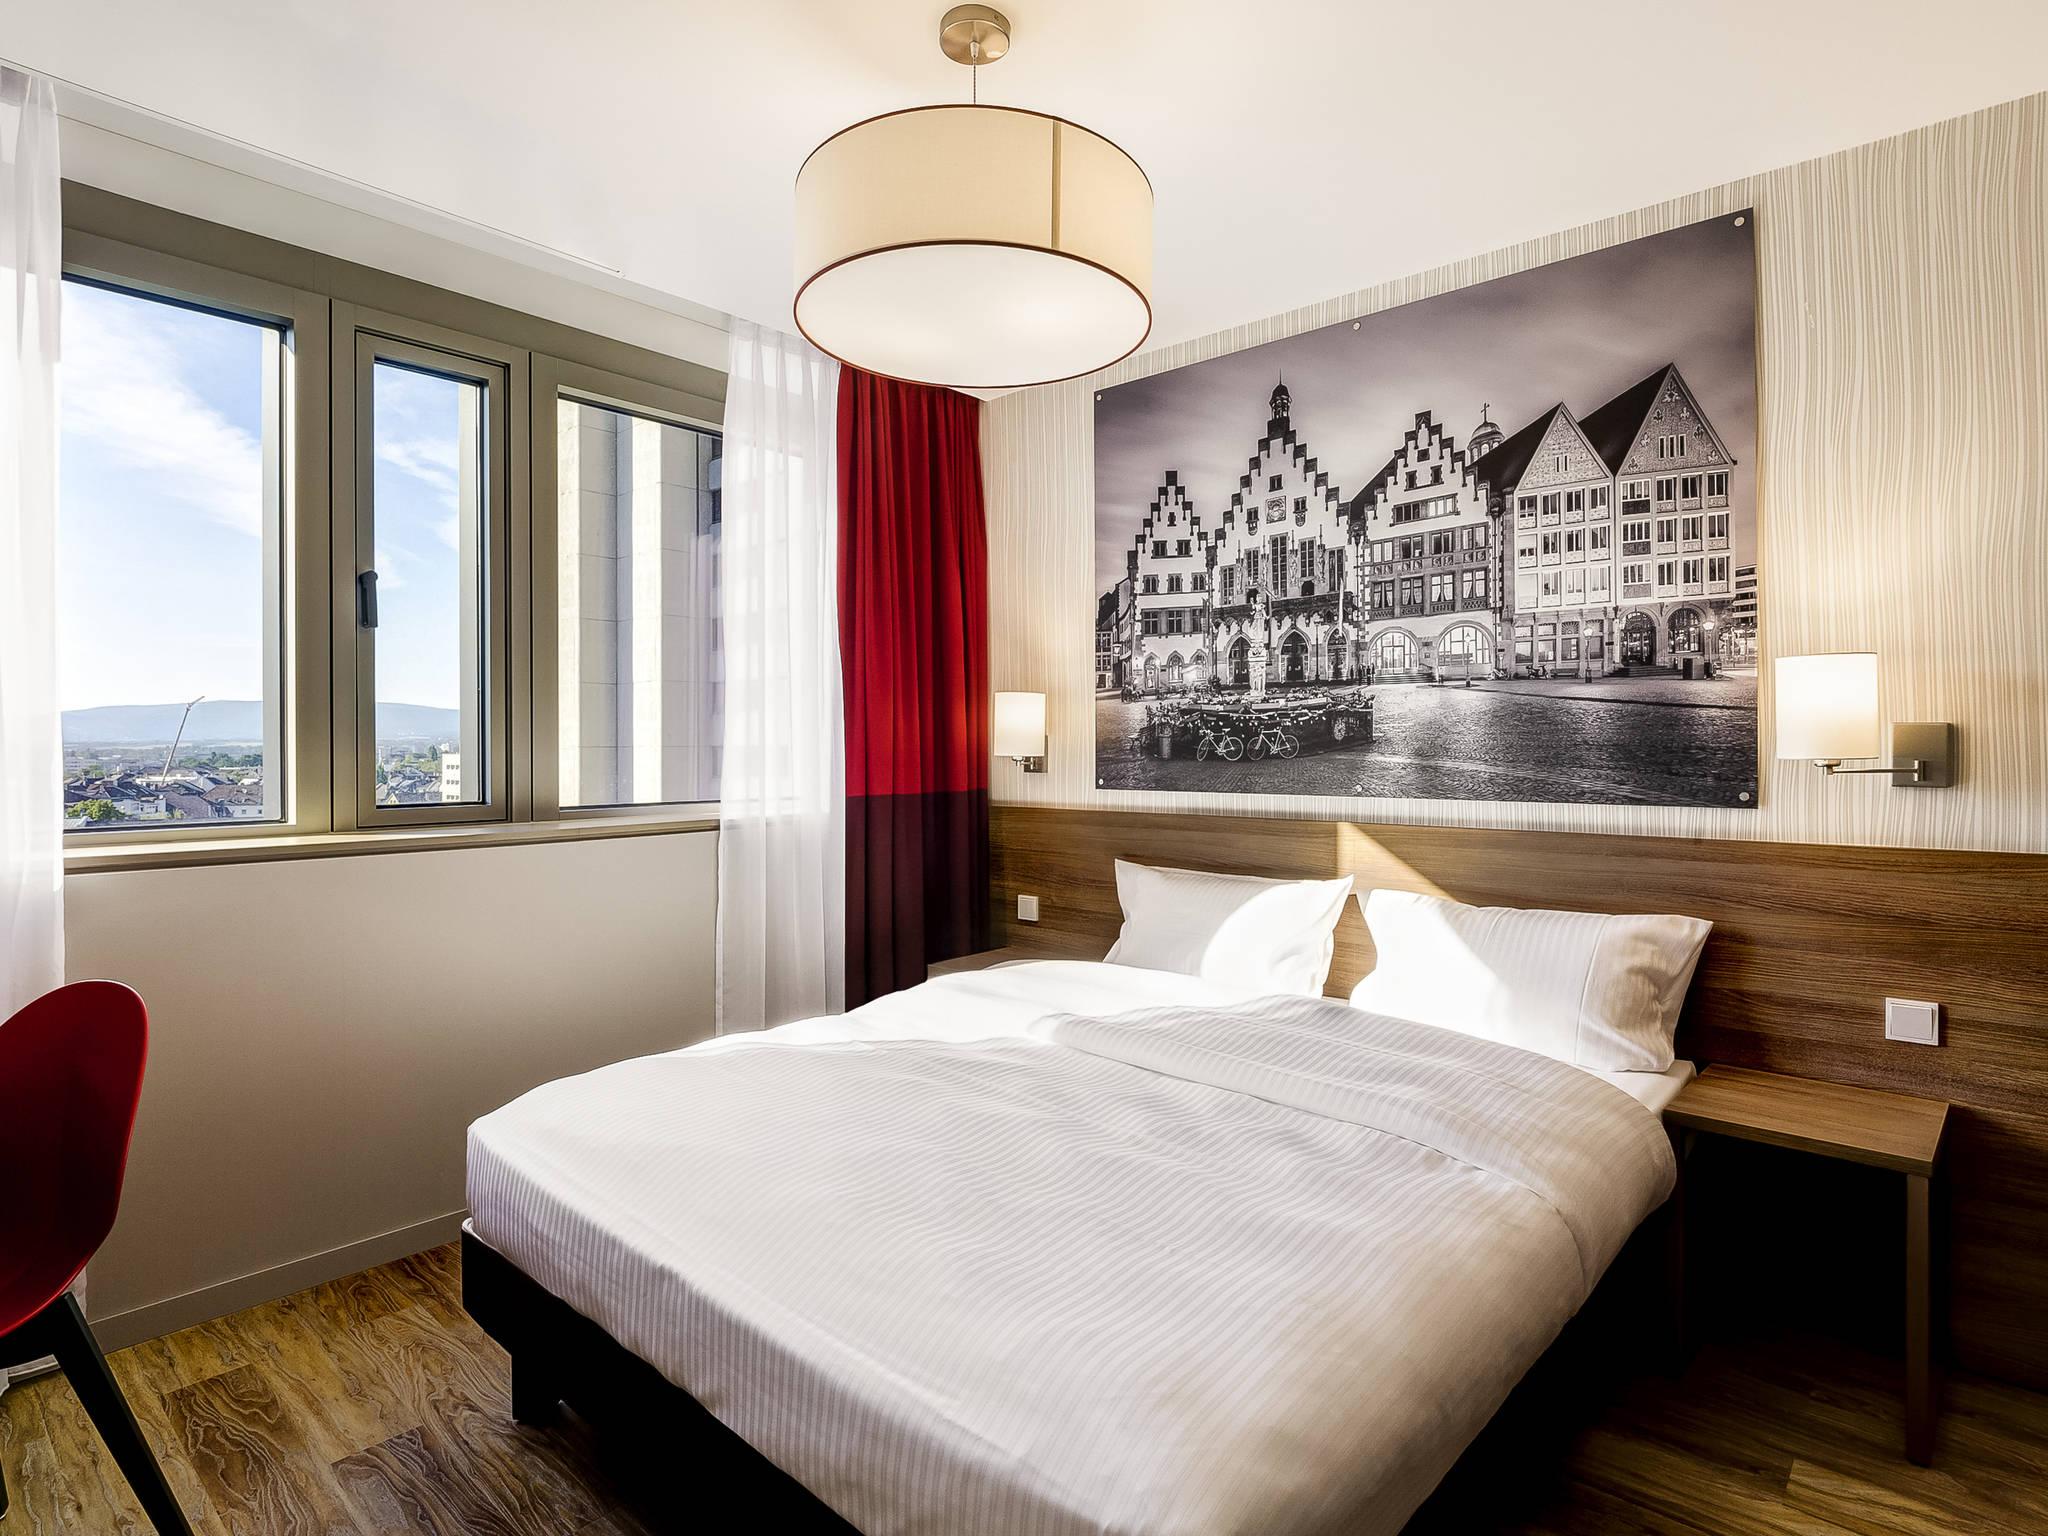 Отель — Апартотель Adagio Франкфурт Сити Мессе (открытие в июне 2016 г.)